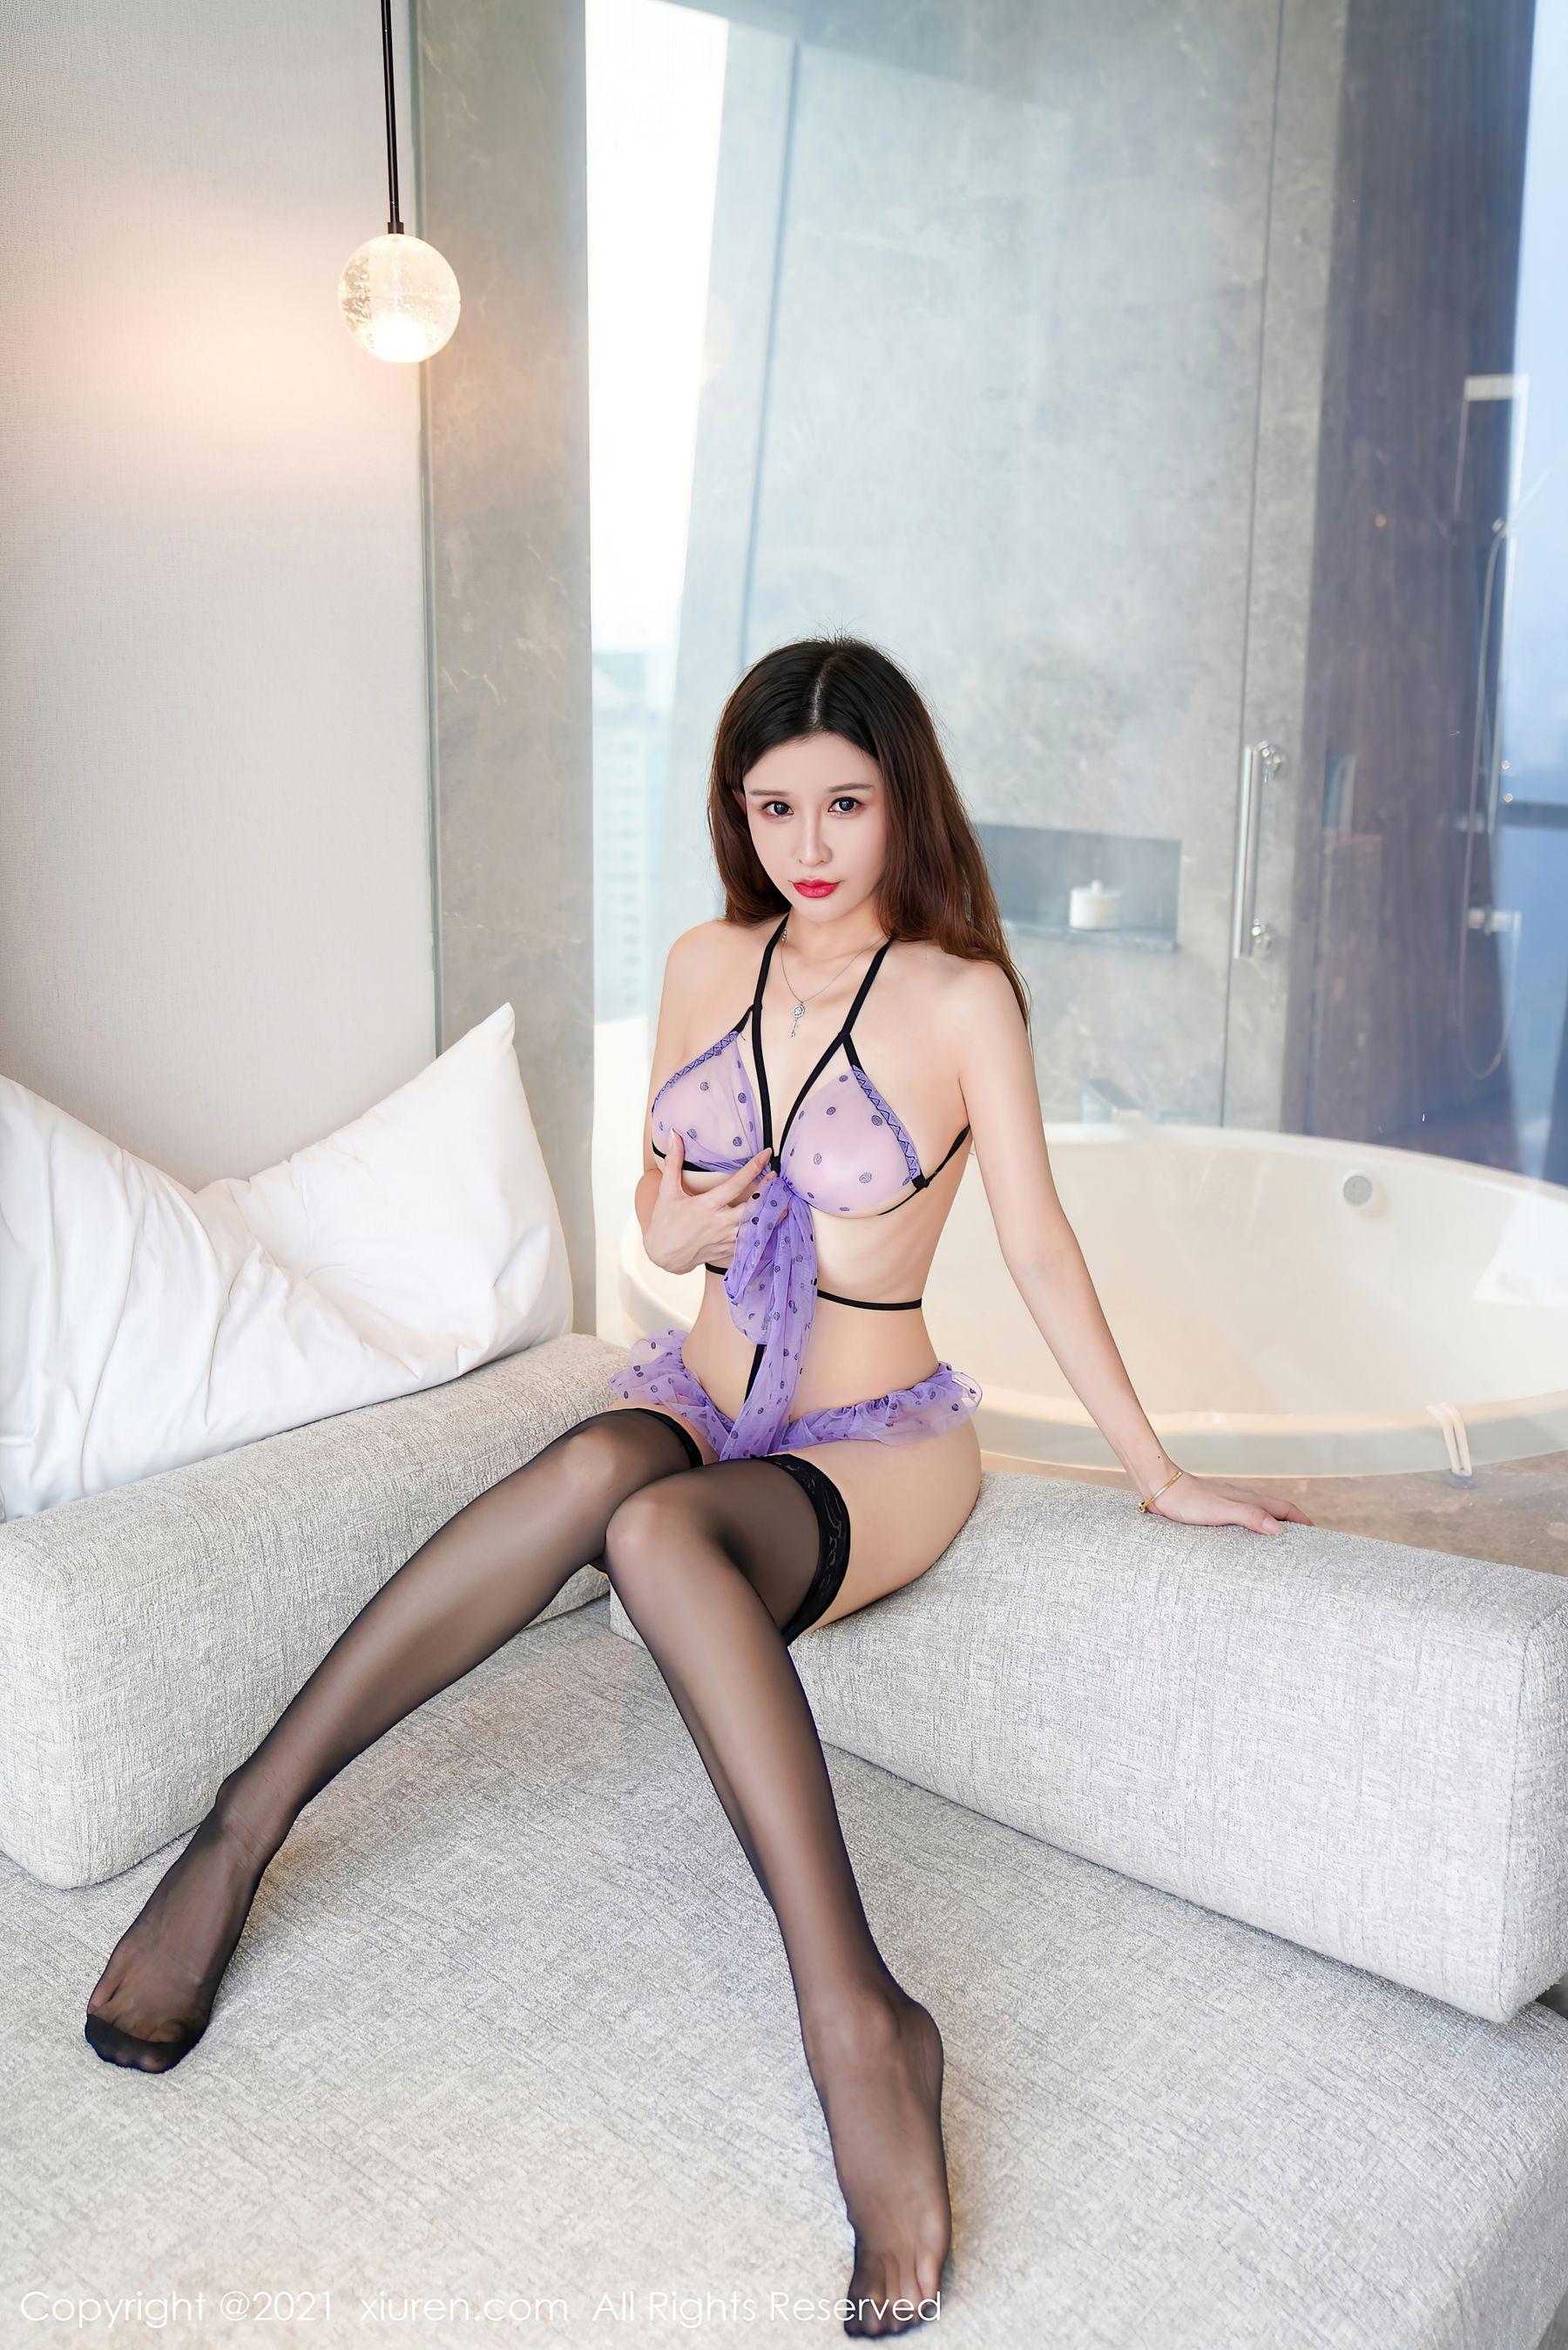 VOL.384 [秀人网]私房福利丁字裤情趣内衣:纯小希(张雨萌)超高清写真套图(37P)